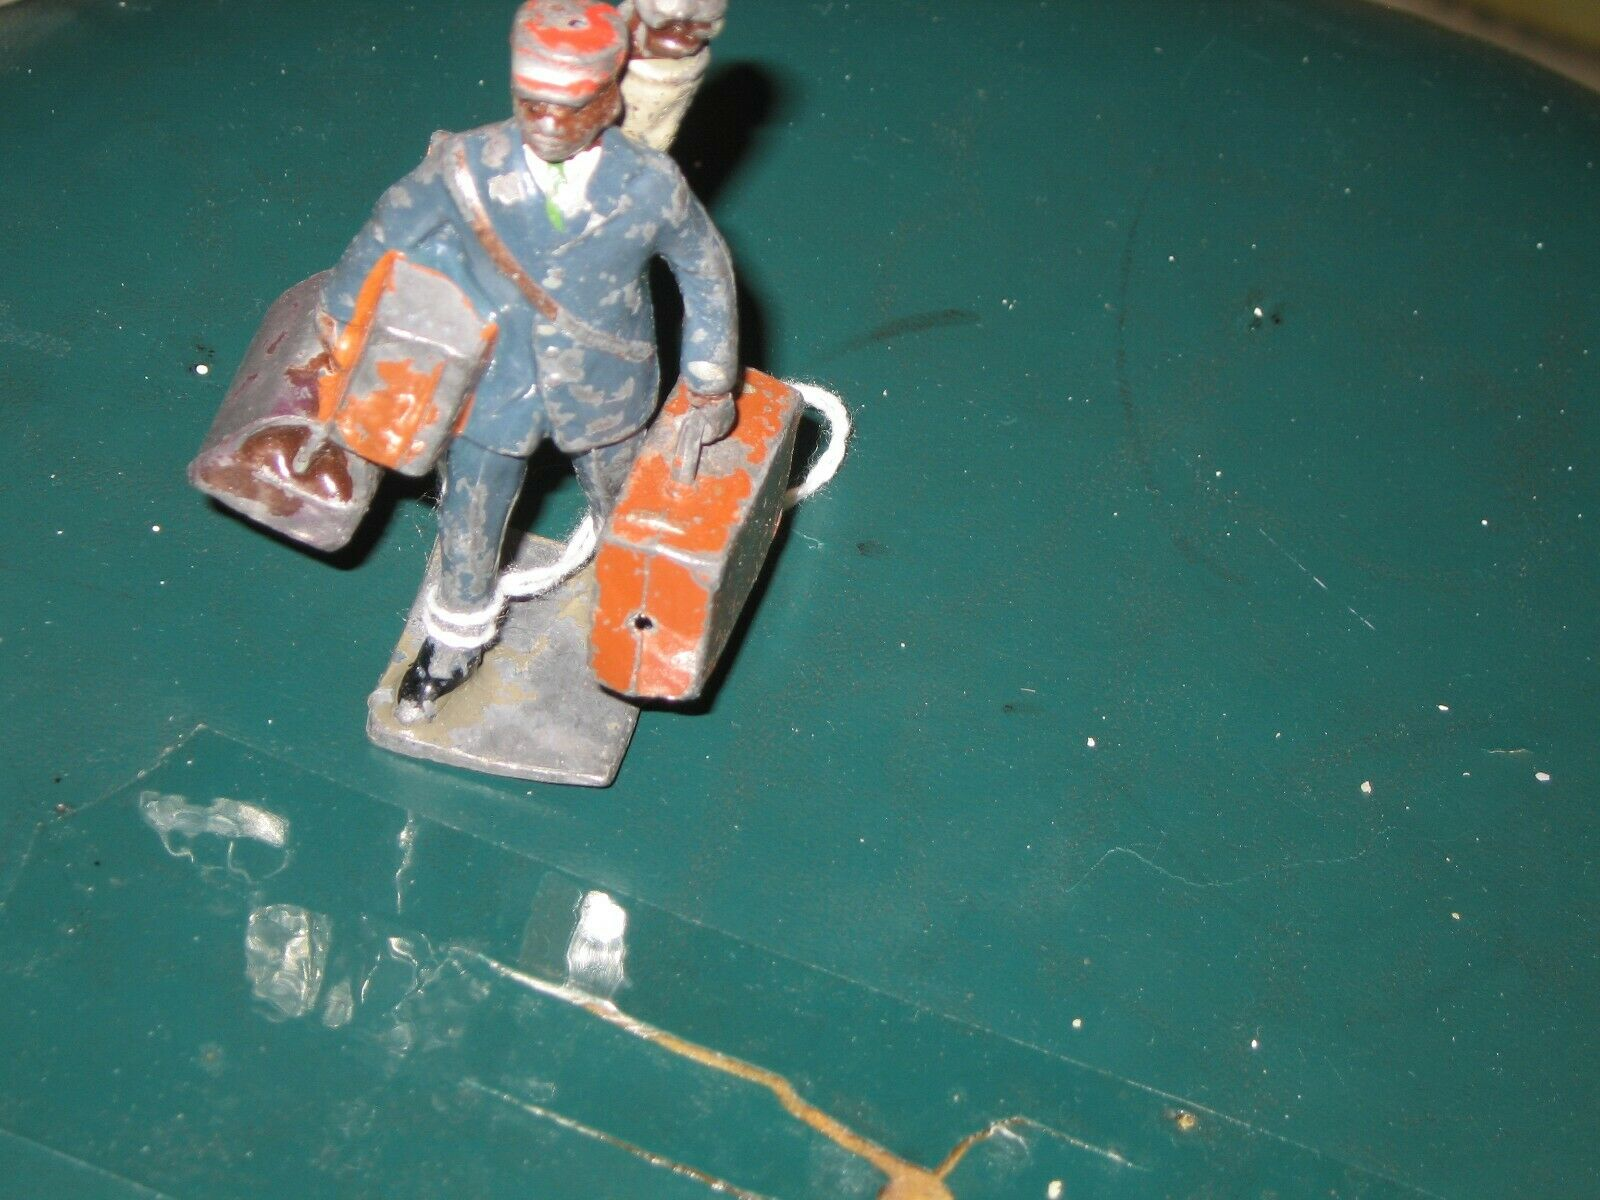 Lionel figura de plomo de gorro rojo desde el conjunto de con MALETA. Original Completa